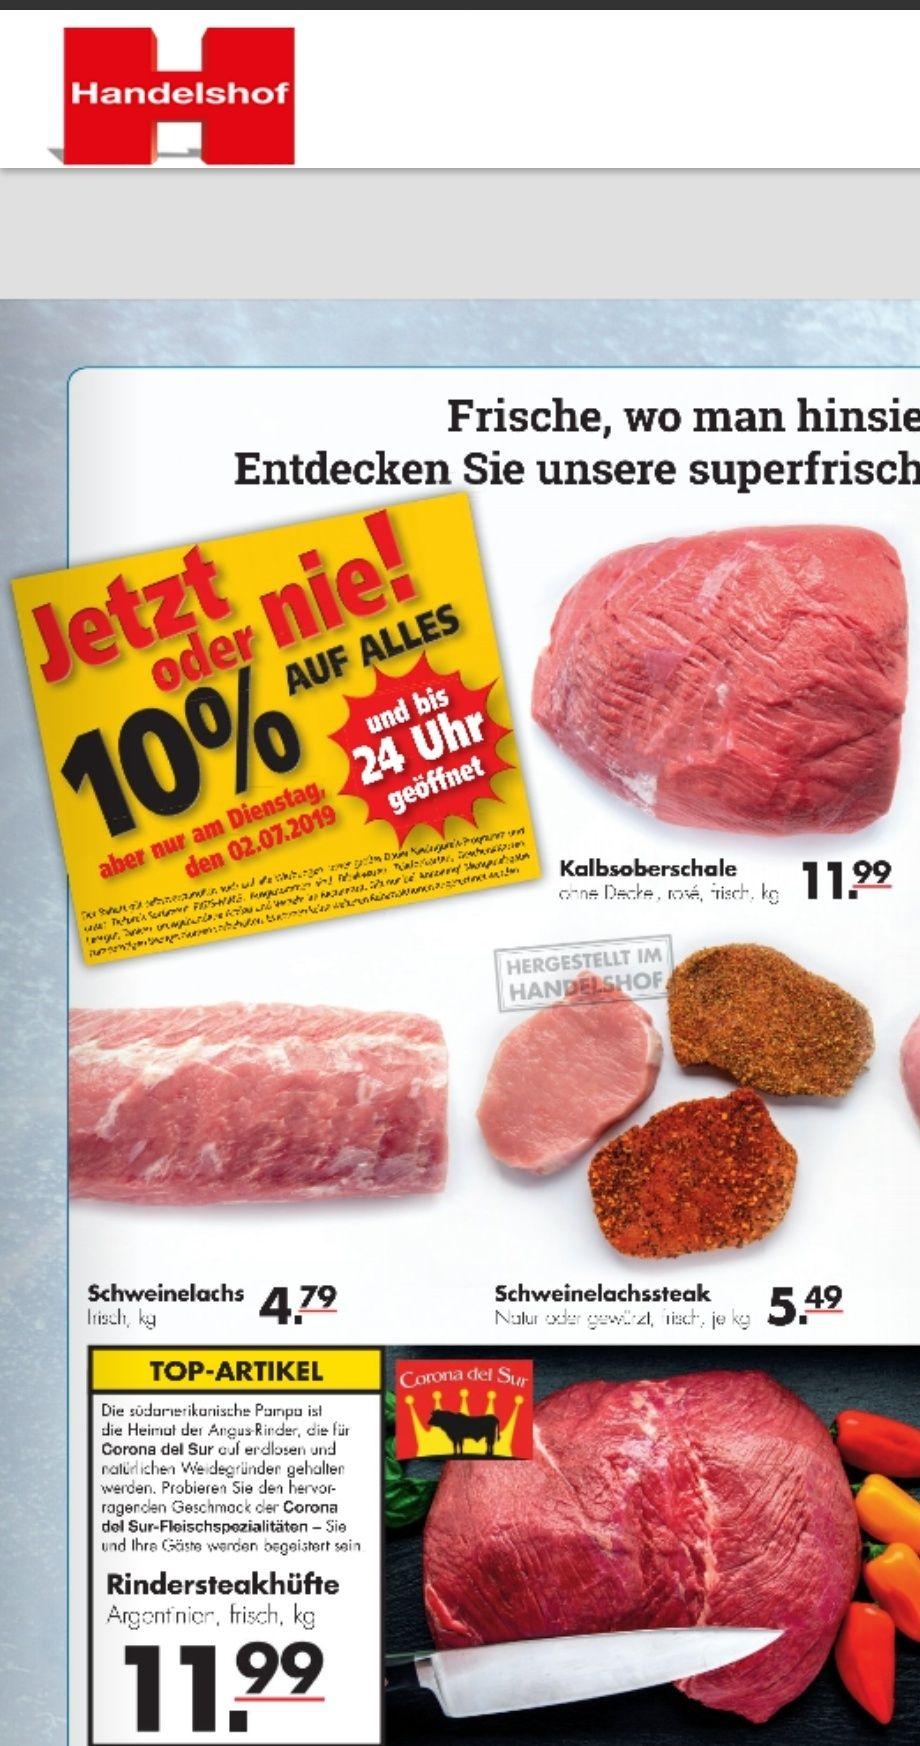 Handelshof 10% auf alle Artikel am 2. Juli, u.a. Black Angus Steakhüfte für 11,54€ brutto LOKAL